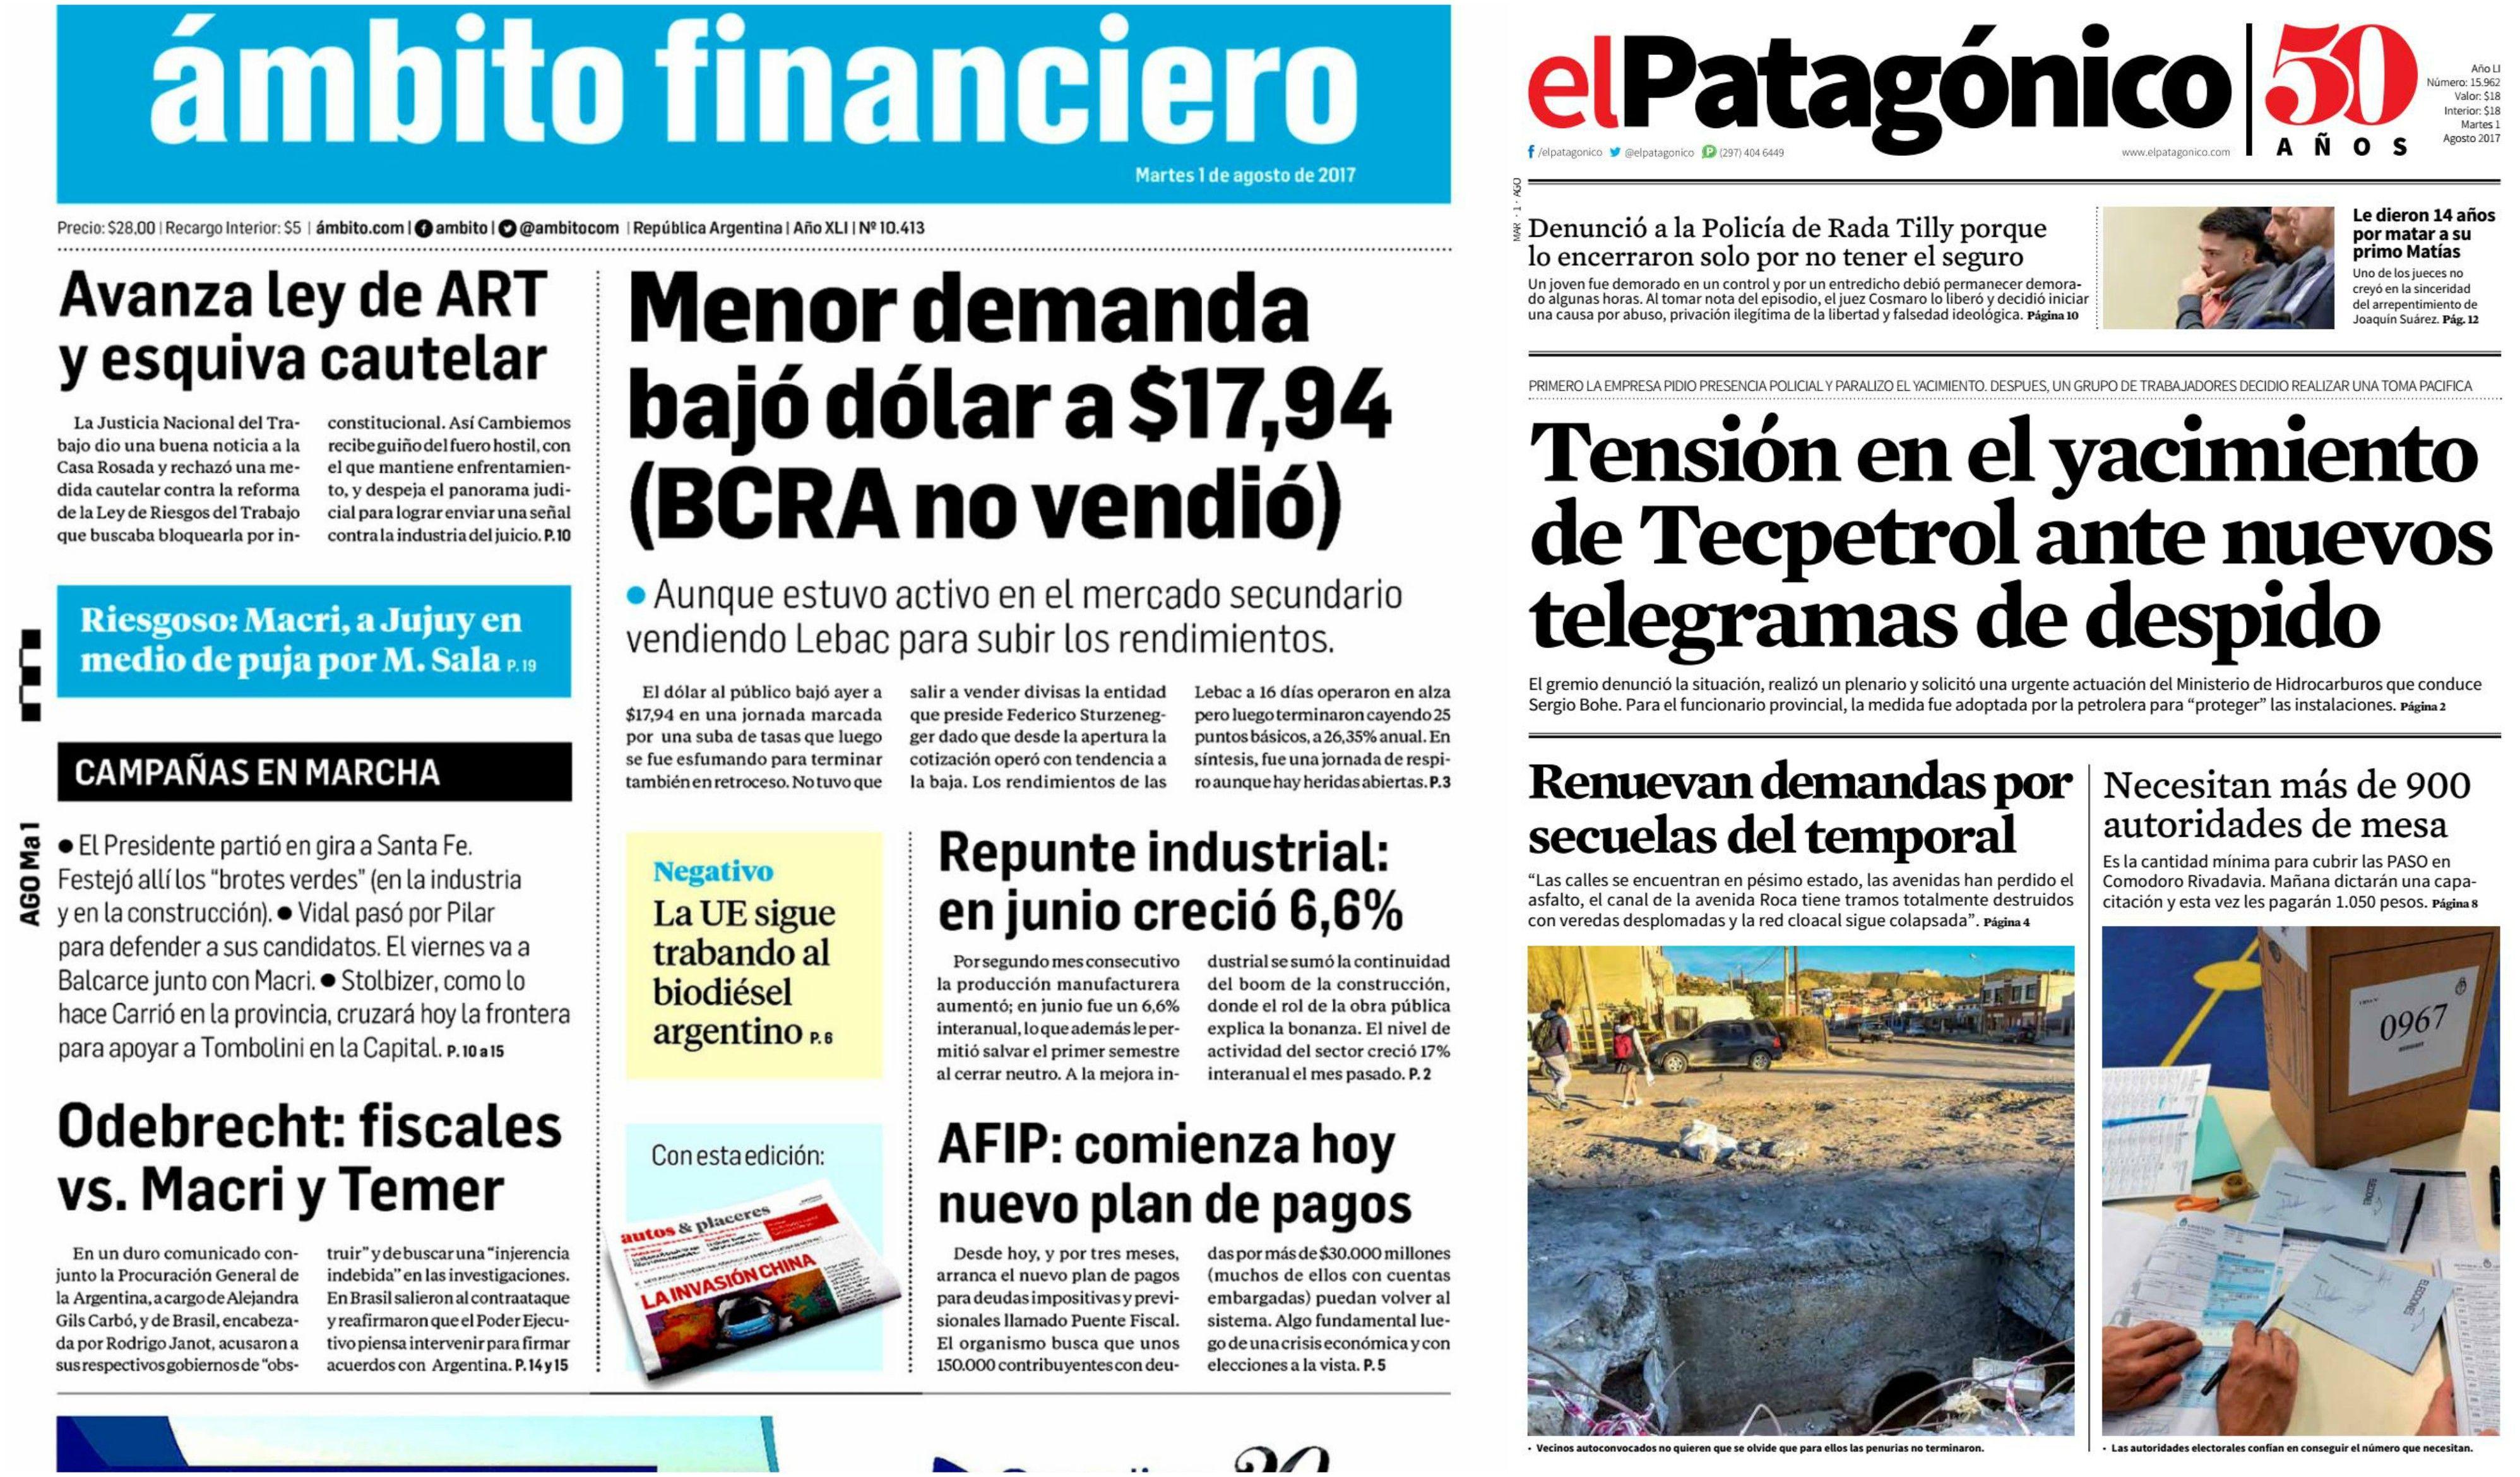 Tapas de diarios del martes 1 de agosto de 2017